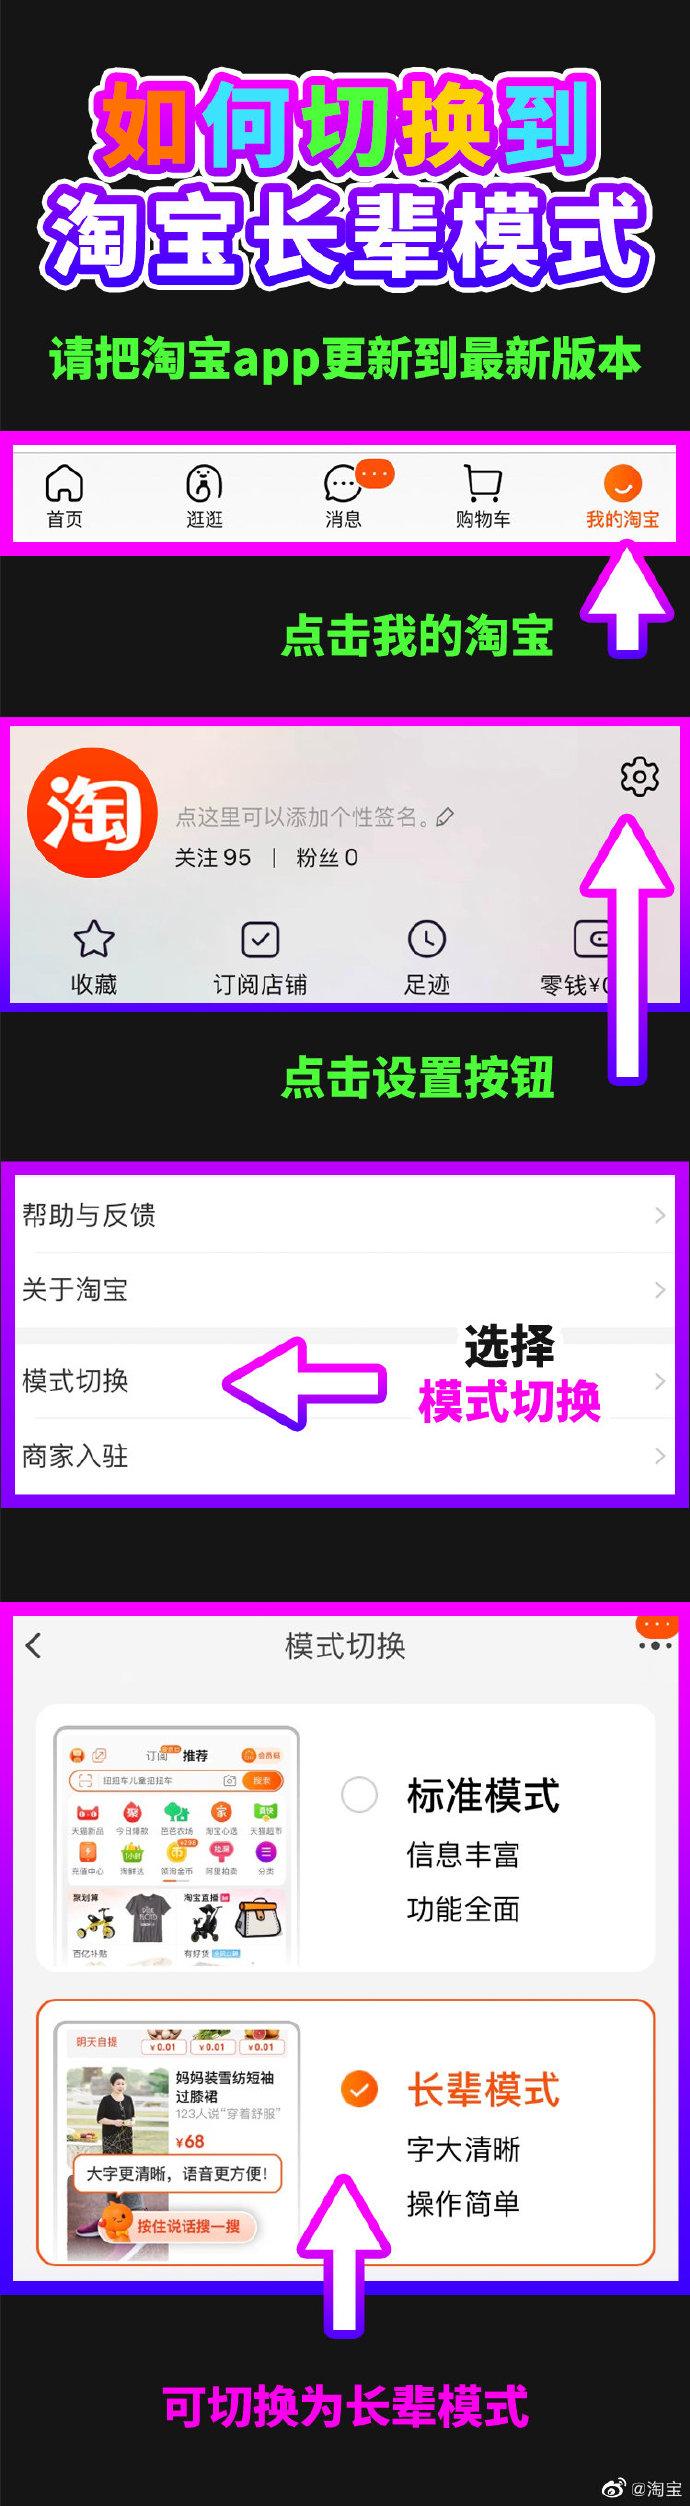 """淘宝上线""""长辈模式"""":字大清晰,页面更简单,操作更清晰"""